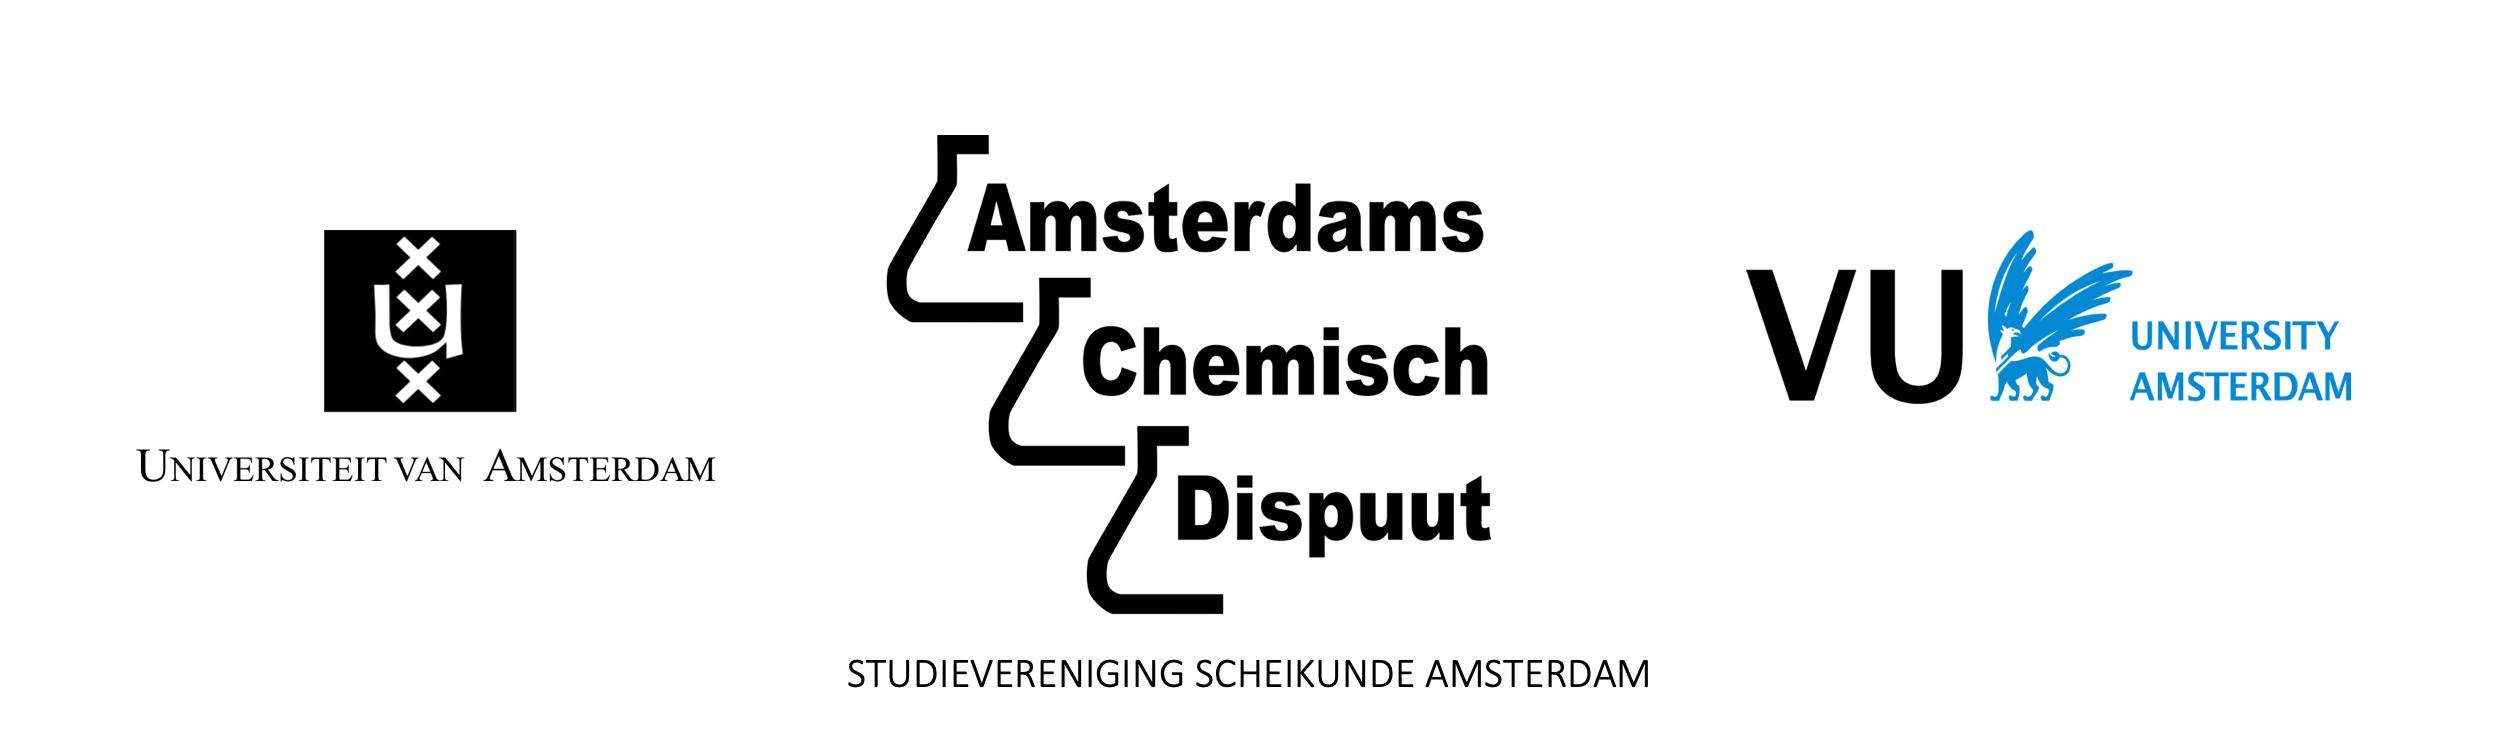 Studievereniging Scheikunde Amsterdam